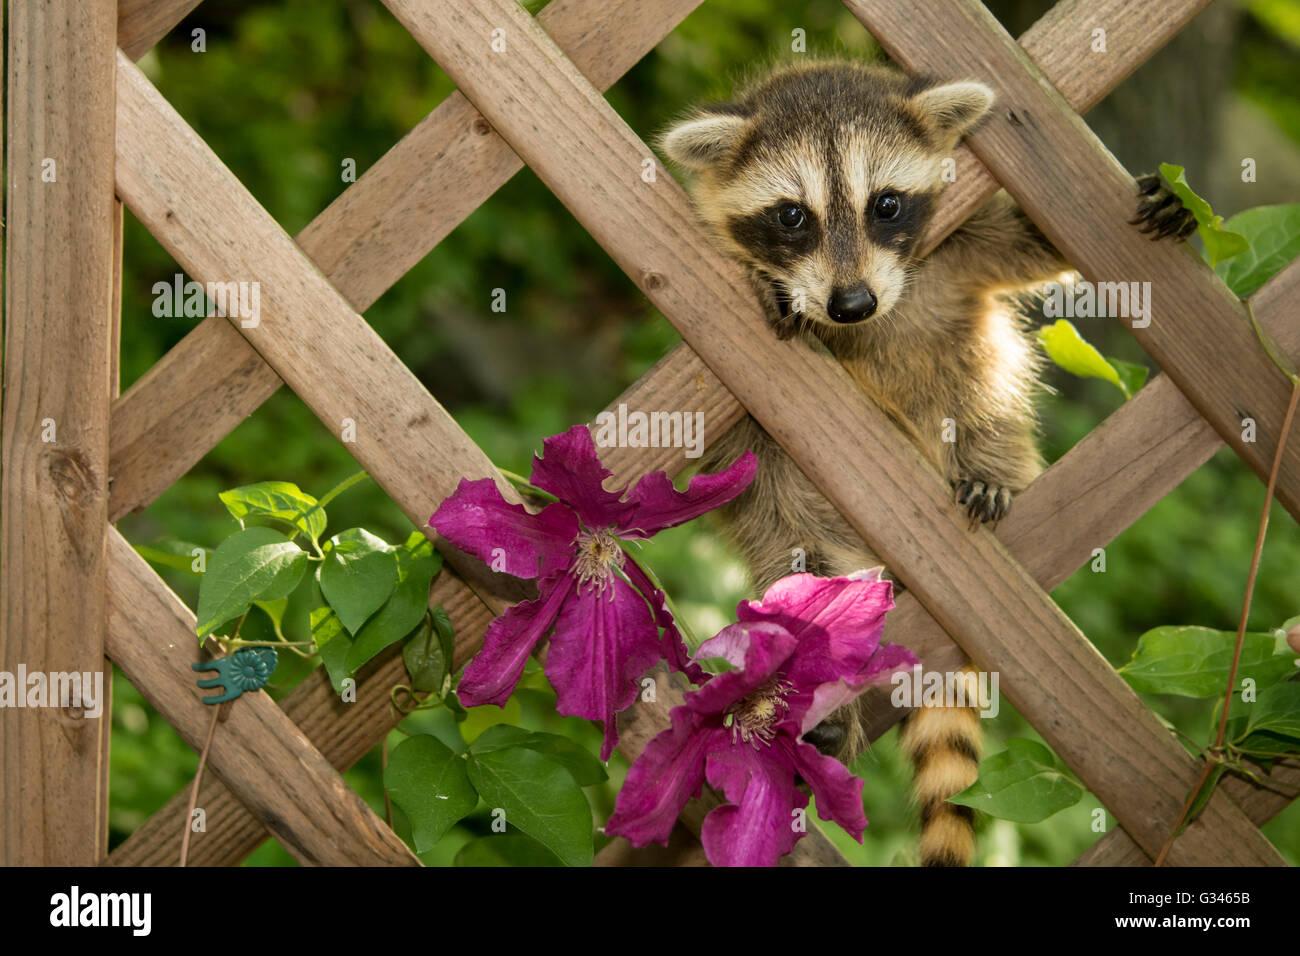 Un bambino raccoon arrampicata in giardino Immagini Stock